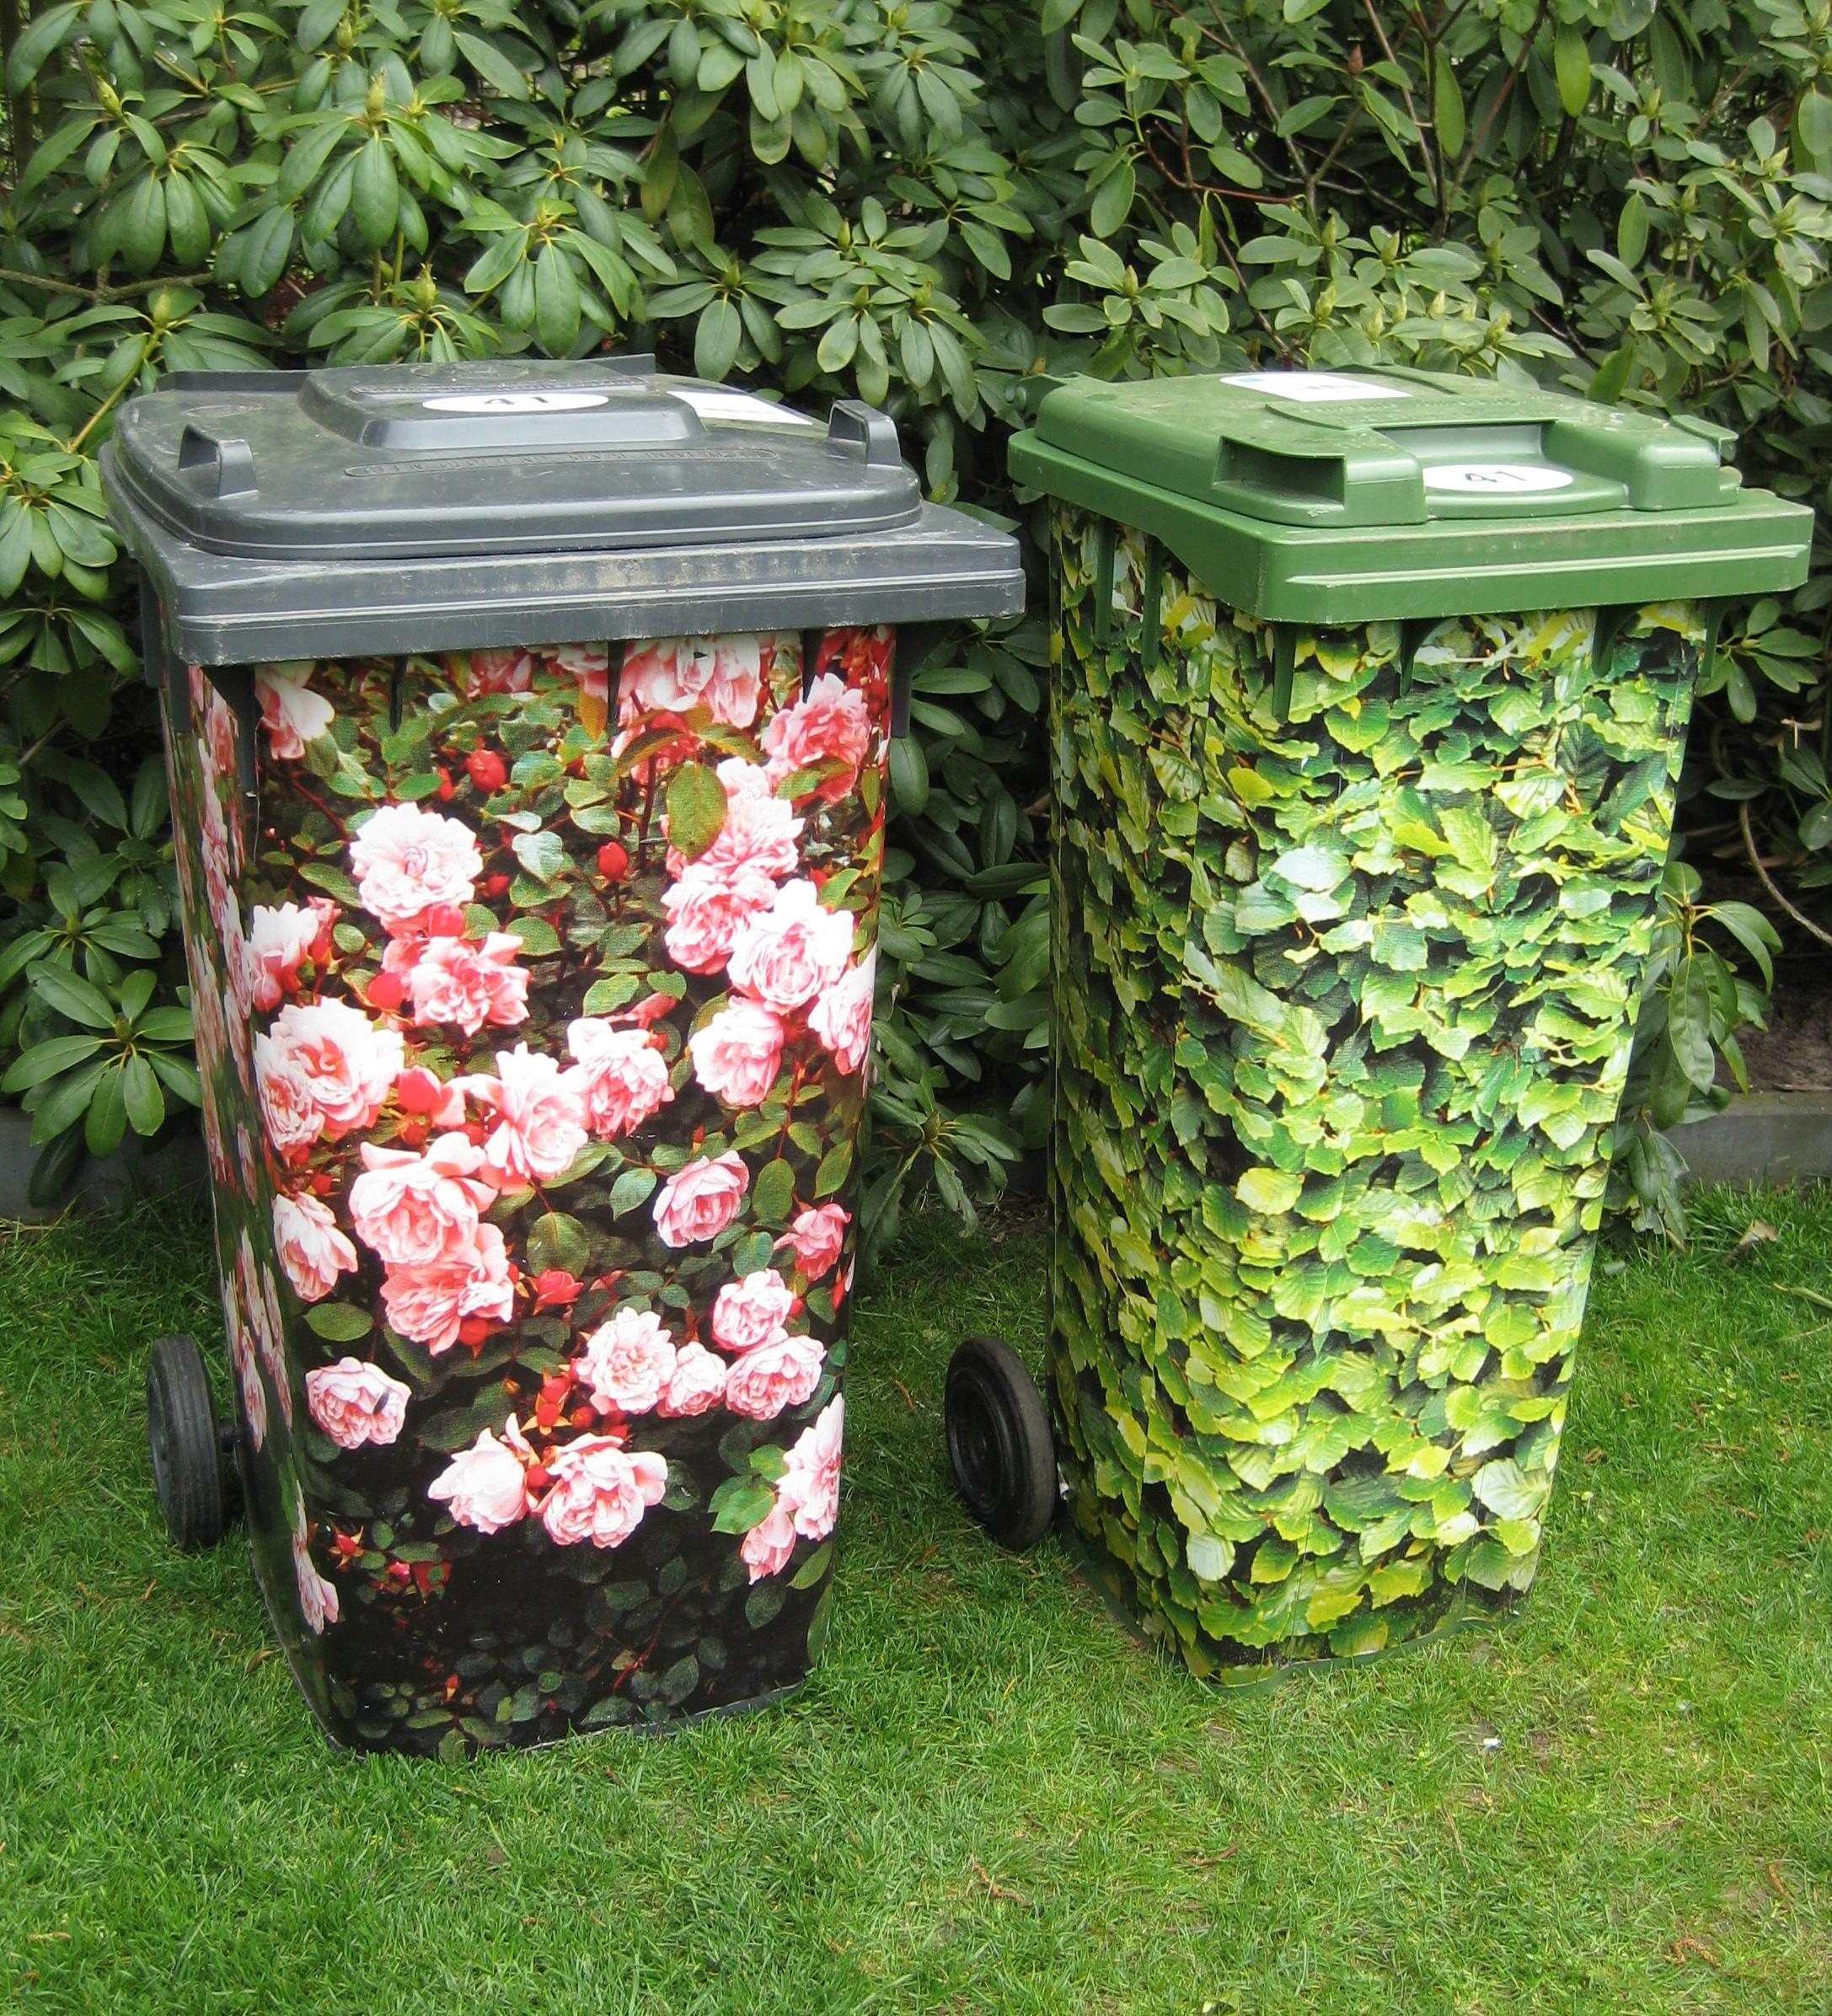 Sistemare i bidoni della spazzatura in giardino! 20 idee da vedere...